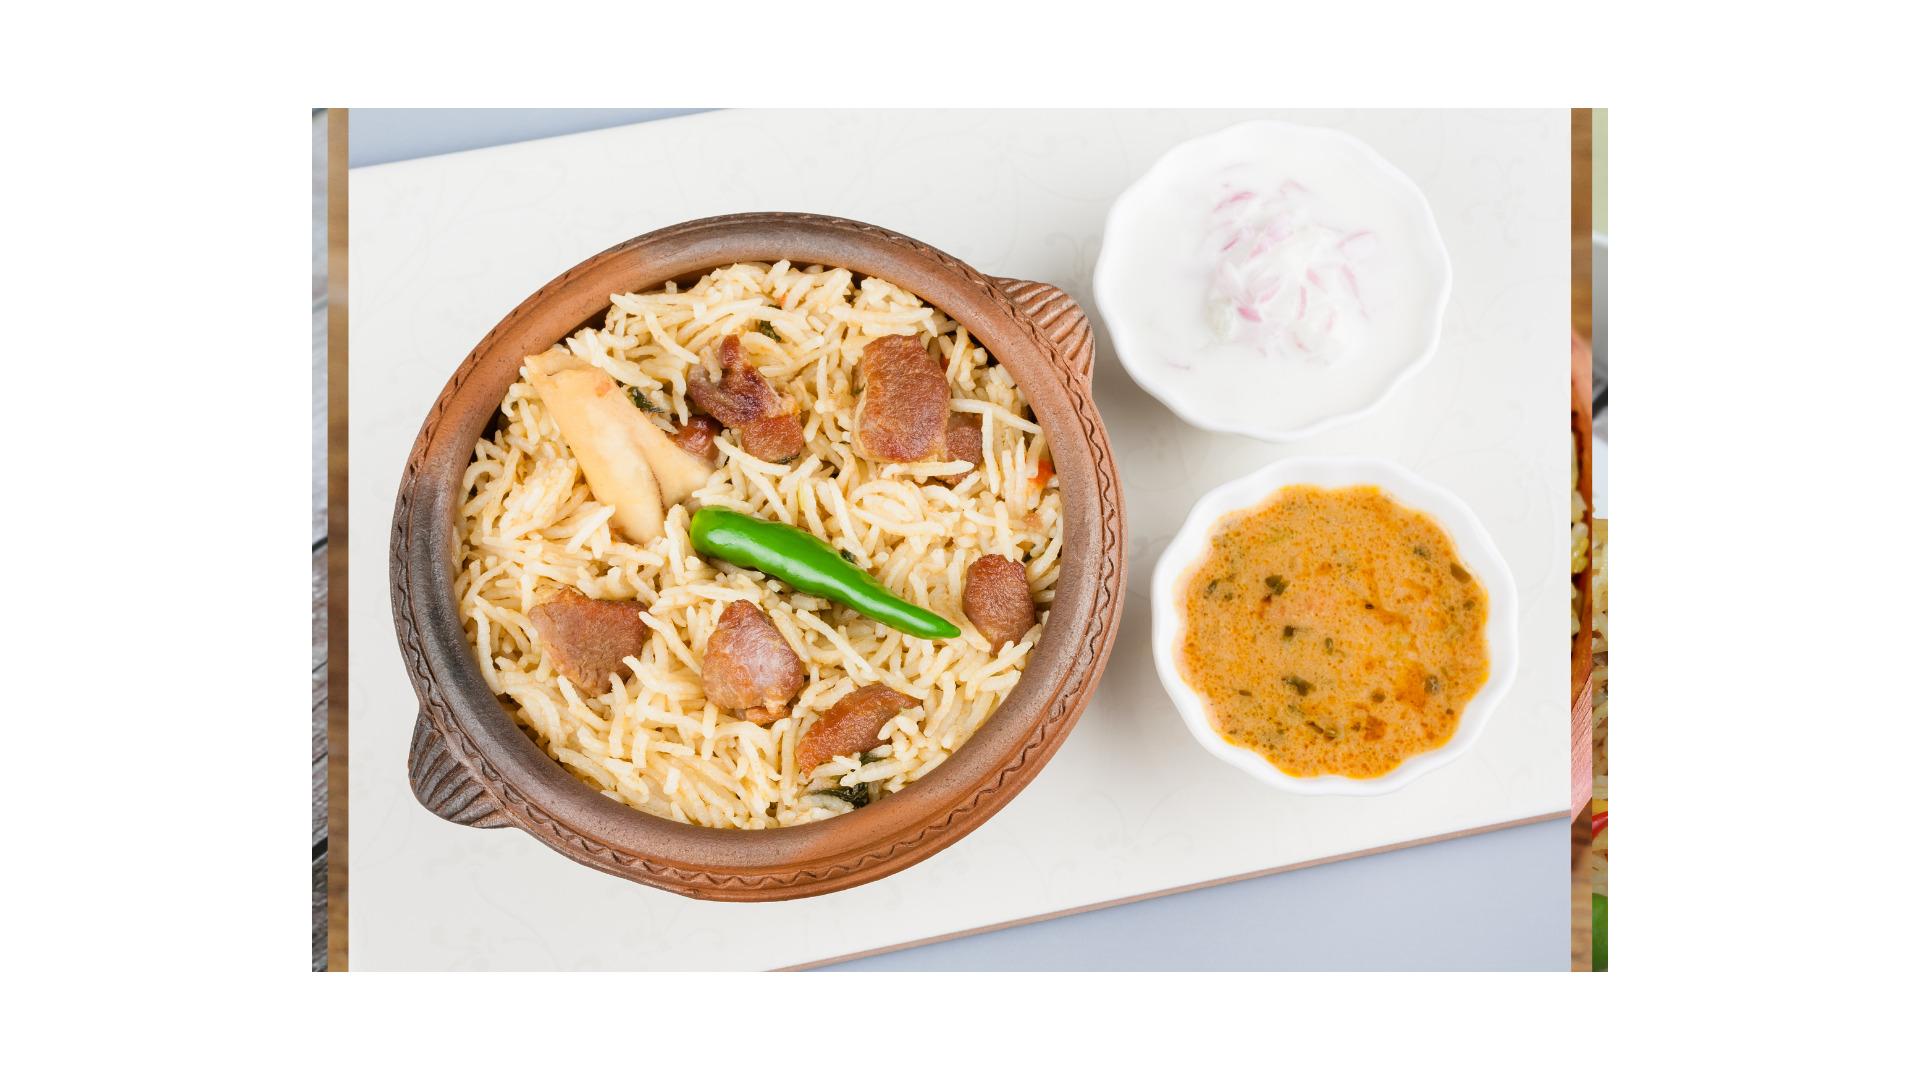 Healthy Kluang Desa Mutton Biryani Best Favourite Choice